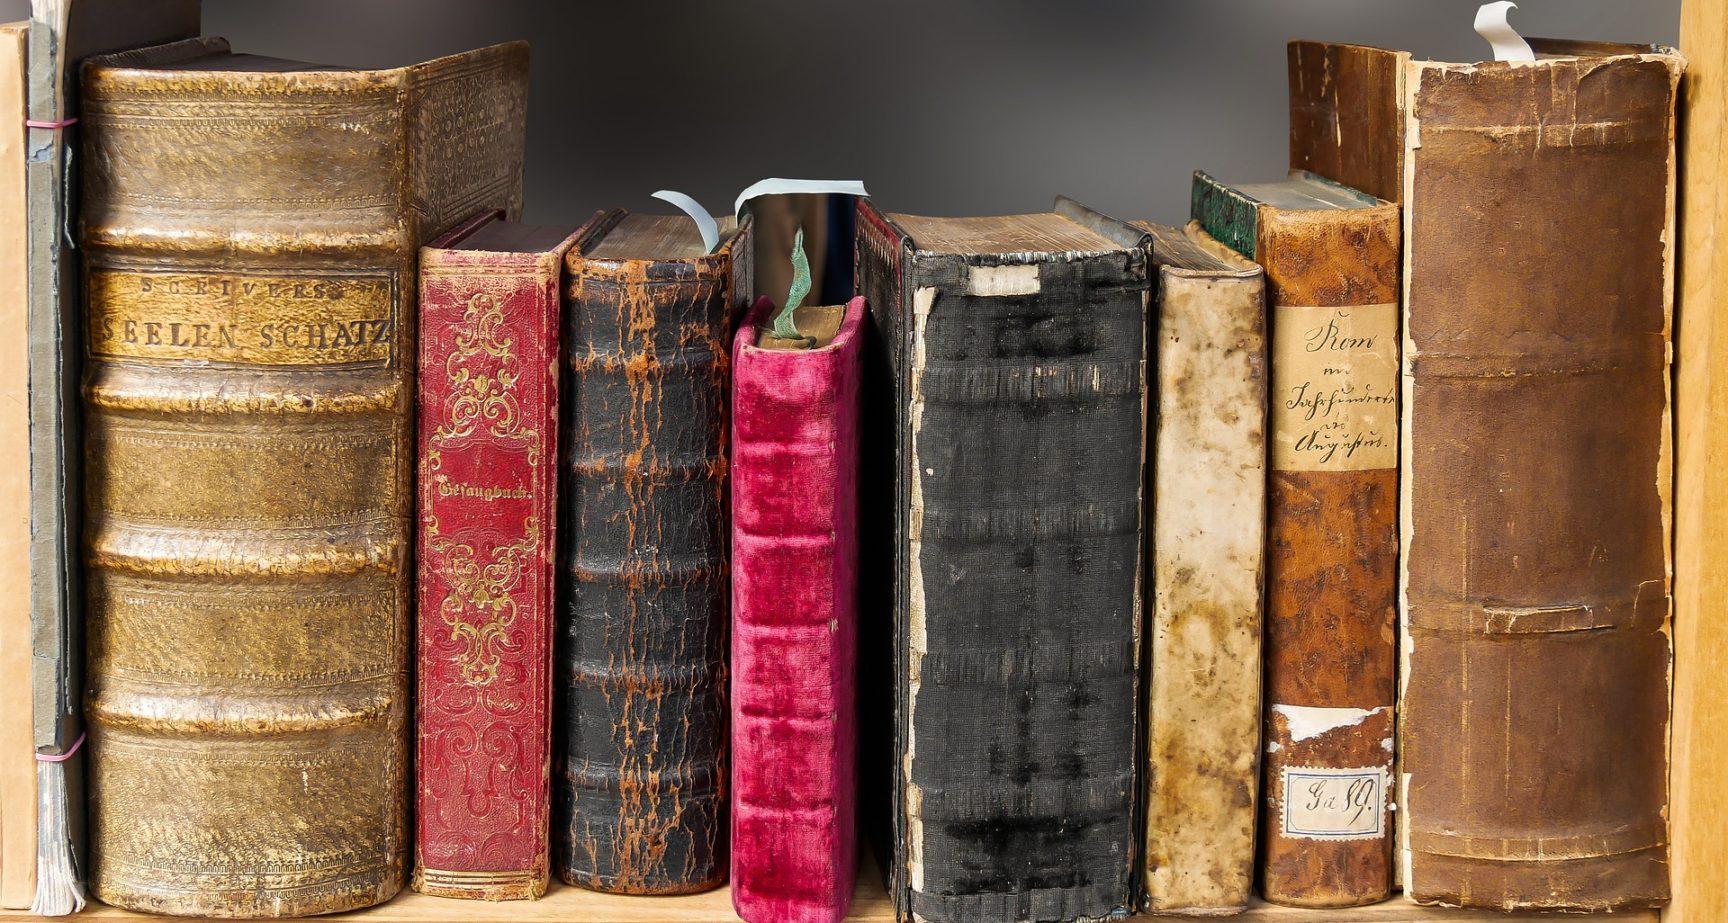 Neue Technologie kann geschlossene Bücher lesen